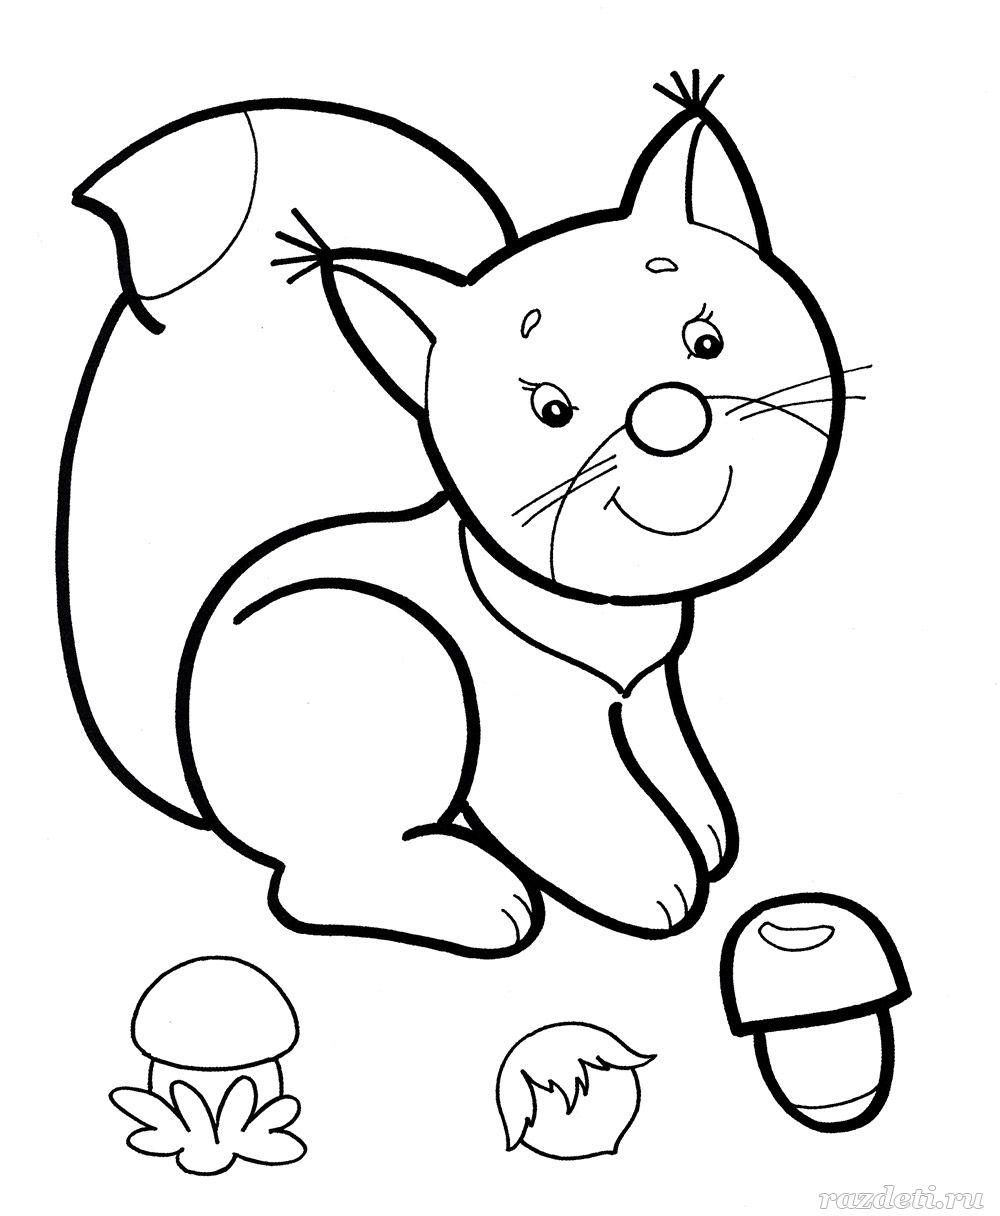 Раскраски для детей 3-4 лет «Животные» распечатать ...